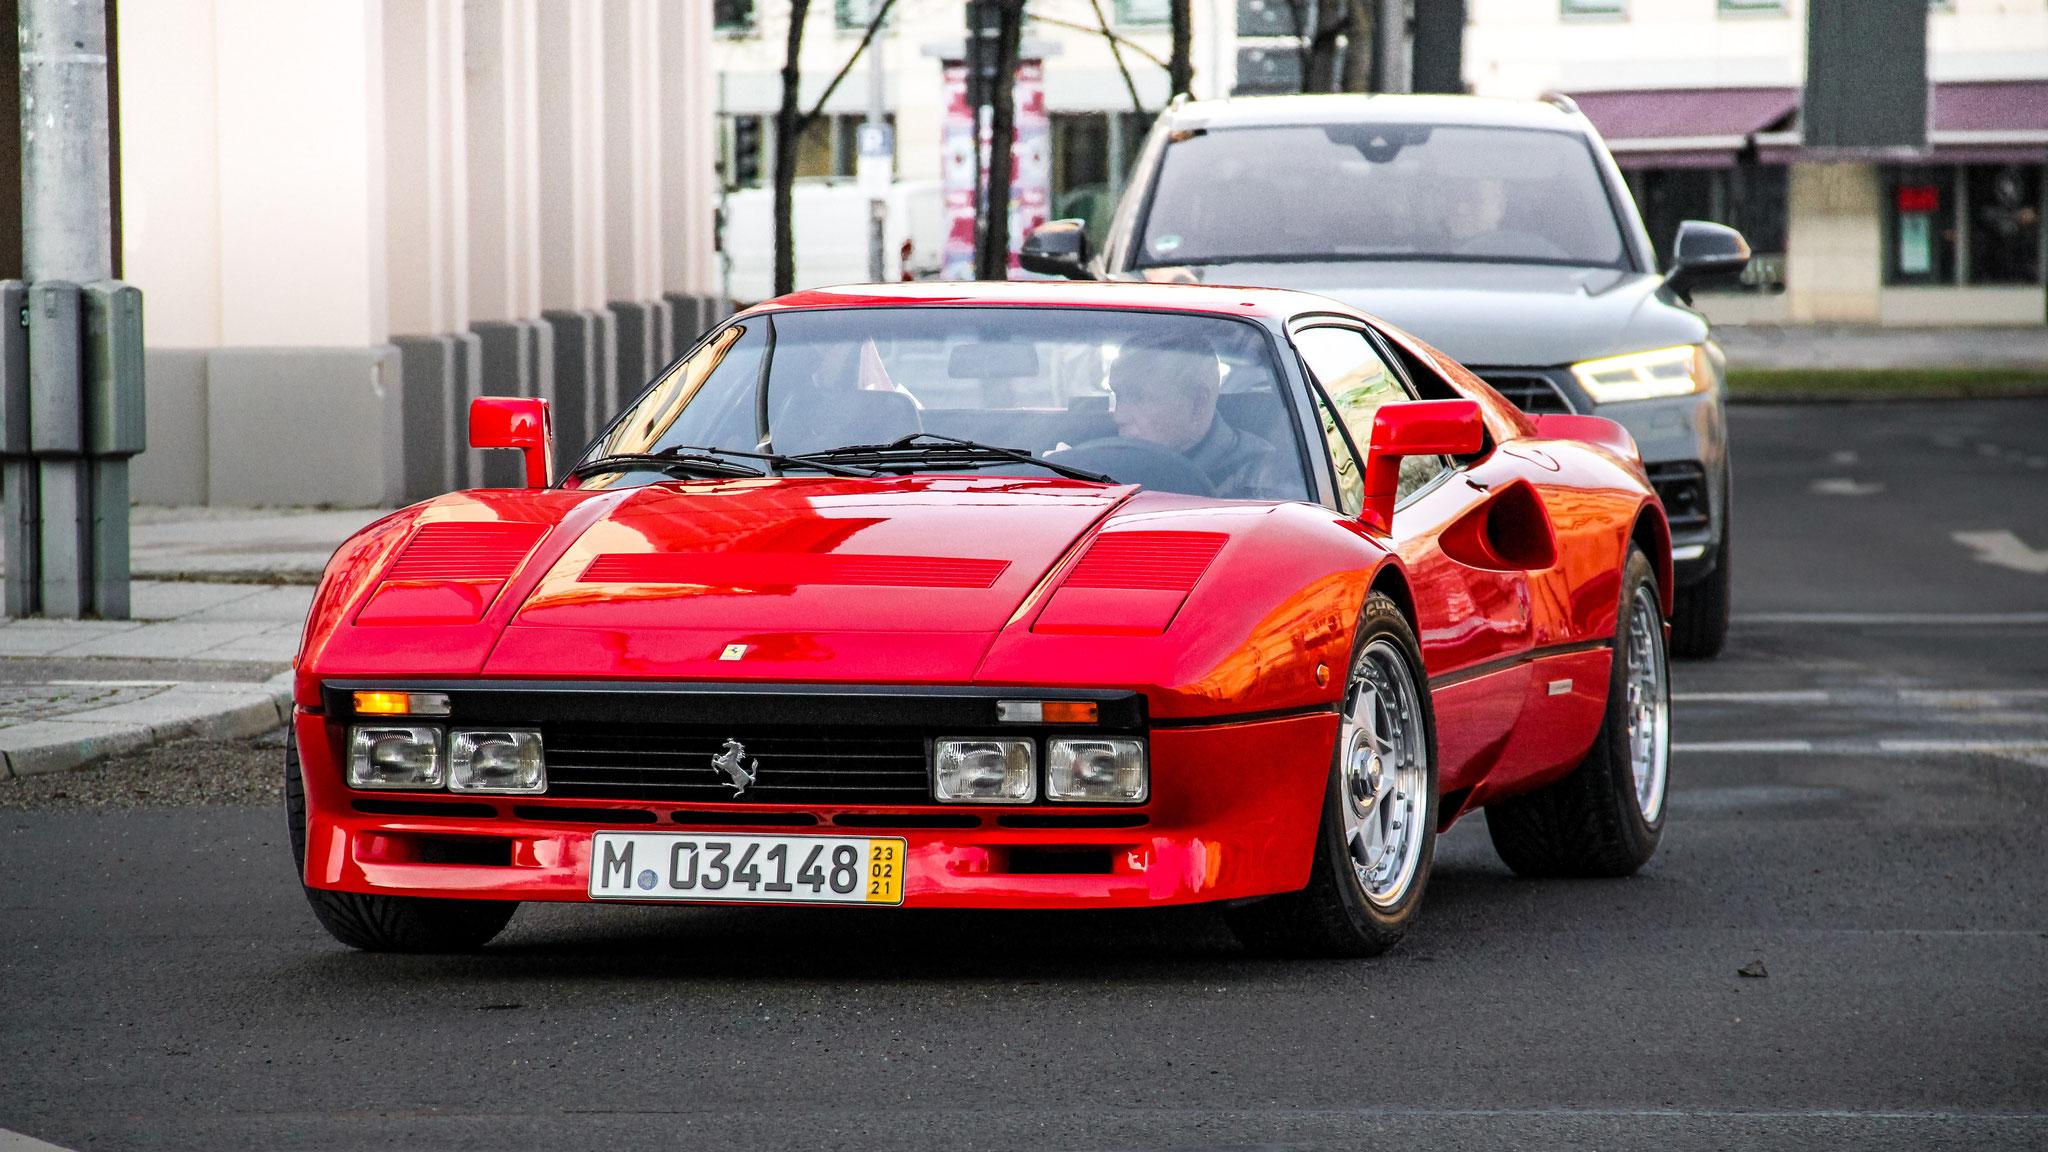 Ferrari 288 GTO - M-034148